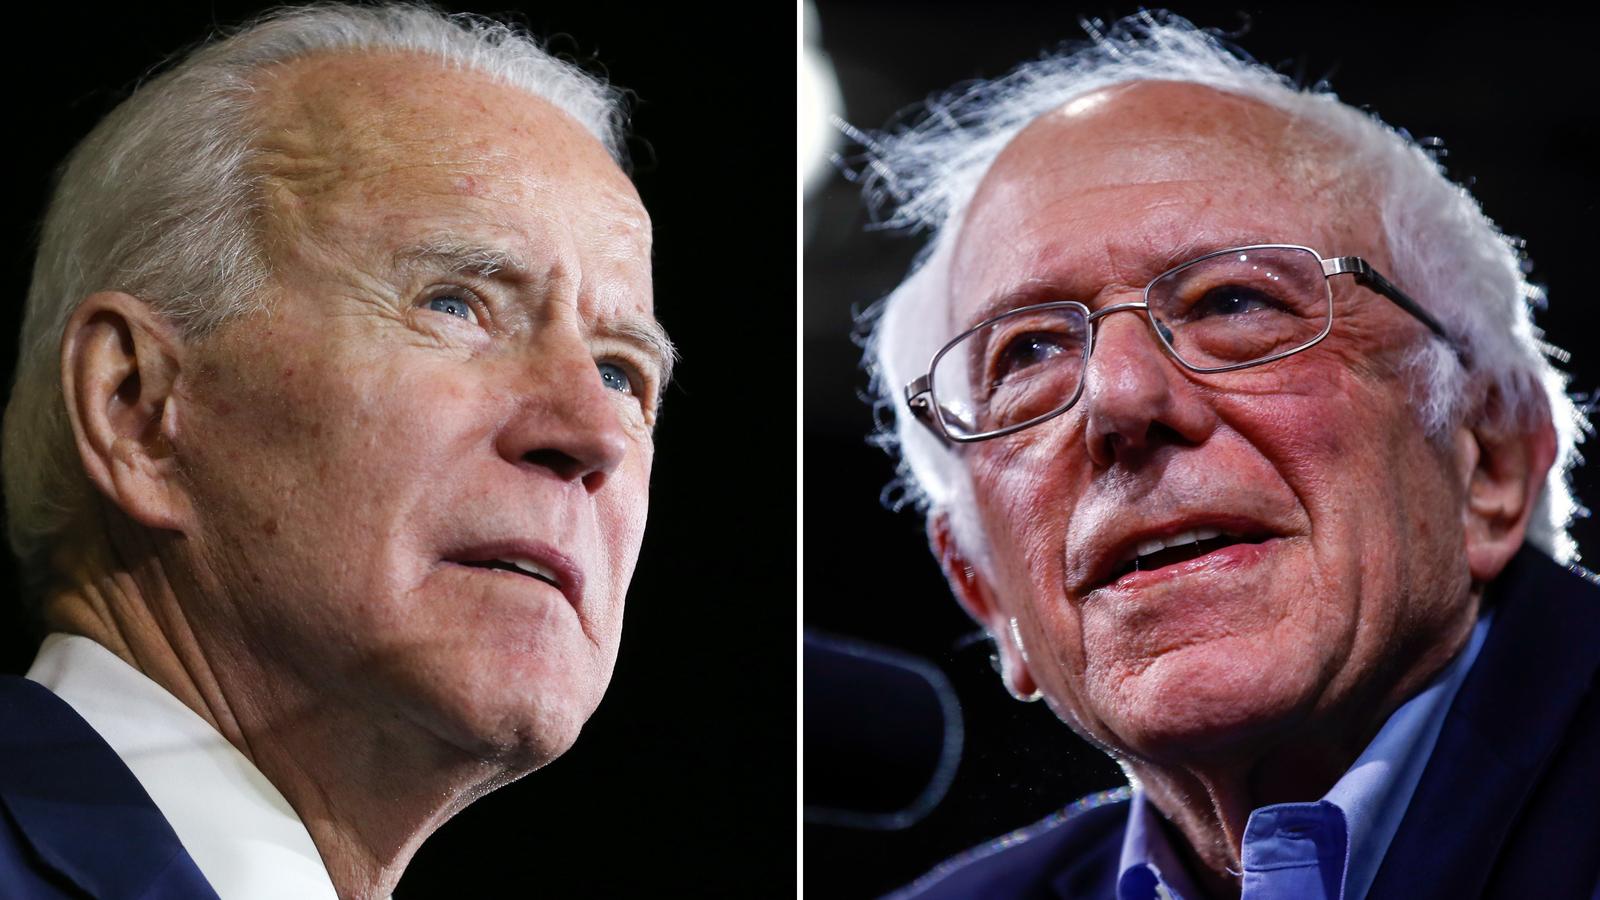 Joint Biden-Sanders task forces unveil progressive platform after months of negotiations